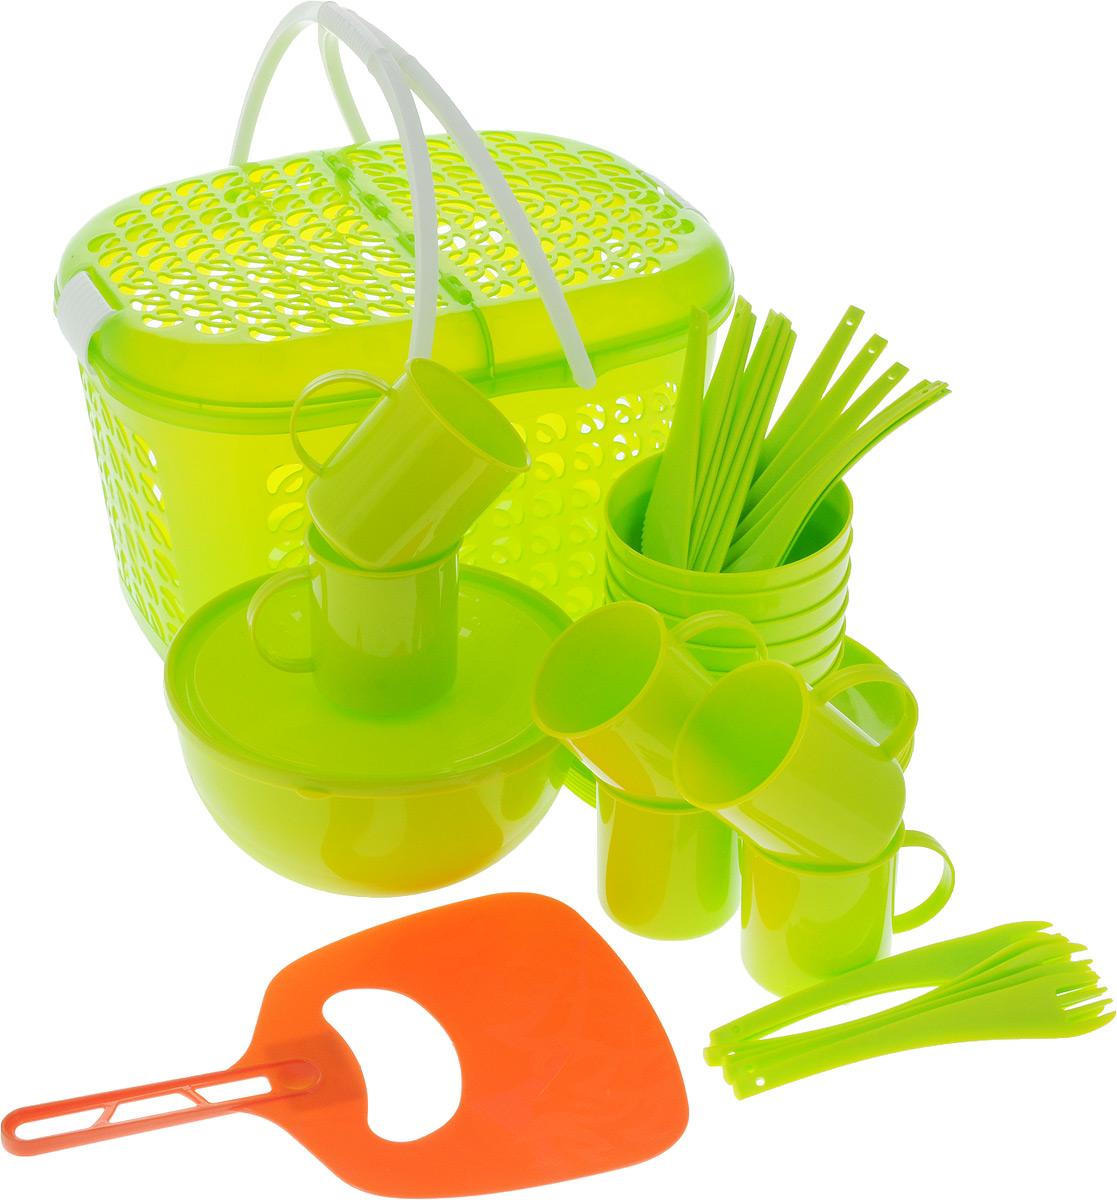 Набор для пикника Plastic repablic, 40 предметовТДД25562Набор для пикника Plastic repablic предназначен на 6 персон. Изделия выполнены из высококачественного пищевого пластика. Изделия удобно располагаются в корзине- переноске в которой можно переносить или перевозить предметы. Корзина-переноска «Galaxy» позволит вместить не только сам набор, но и еду для пикника. Набор для пикника обеспечит полноценный отдых на природе для большой компании или семьи. В набор входят: - корзина-переноска - размеры (с учетом крышки) 22 x 19 x 37 см; - салатник - объем 2,5 л, диаметр 21 см, высота стенки 10 см; - крышка - диаметр 21 см; - 6 мисок - диаметр 12,2 см, высота стенки 6 см; - 6 тарелок - диаметр 20,5 см, высота стенки 1 см; - 6 кружек - объем 300 мл, диаметр (по верхнему краю) 7,5 см, высота 8 см; - 6 вилок - длина 19 см; - 6 ложек - длина 19 см; - 6 ножей - длина 19 см; - веер для раздува мангала - размеры 30,5 x 20 см.